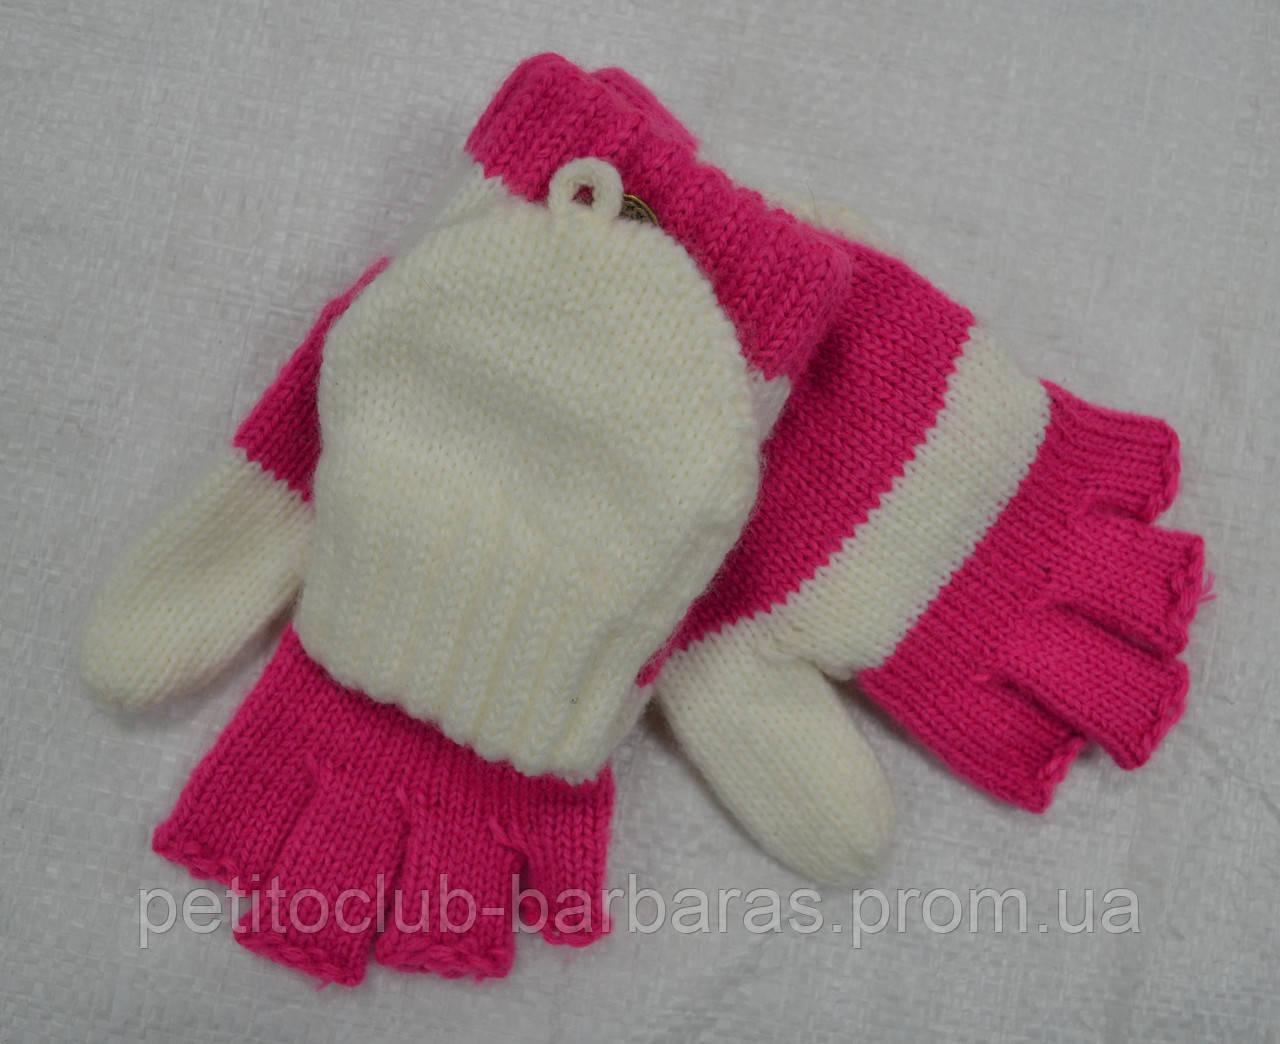 Перчатки с митенками Ceres для девочки розово-белые (MargotBis, Польша)